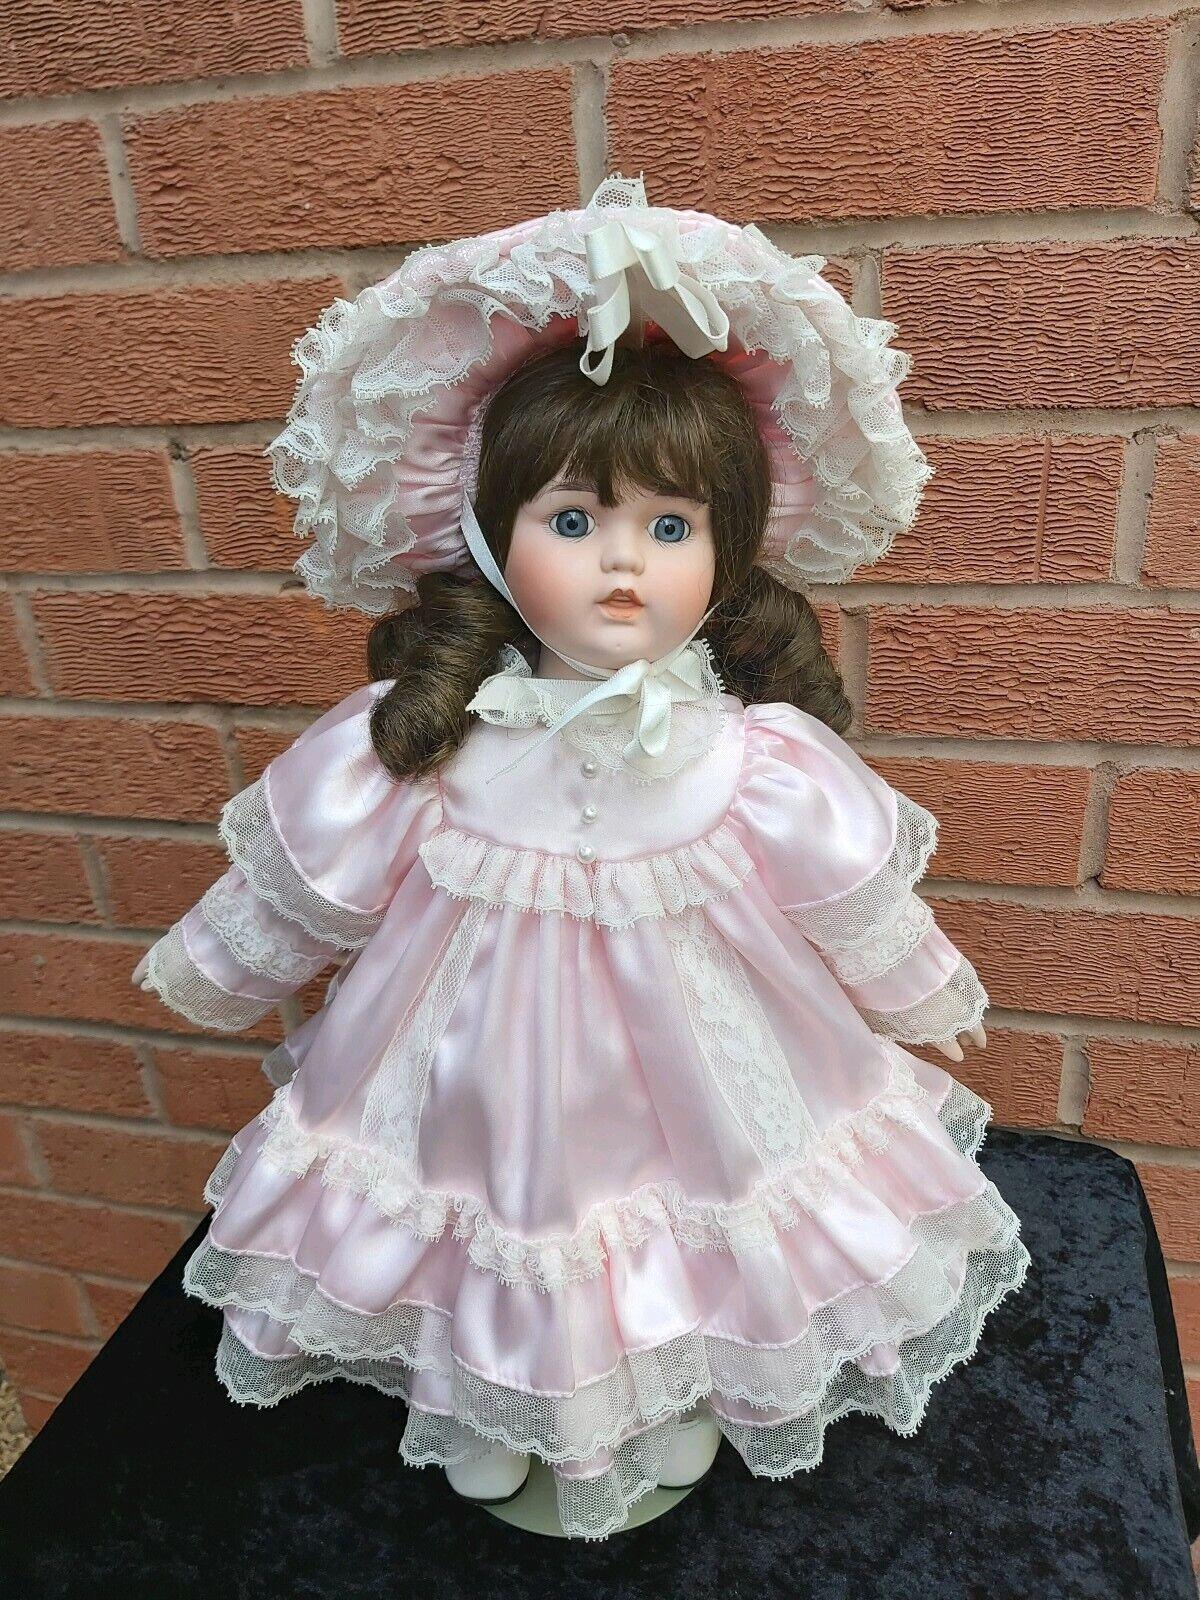 Bambola di porcellana con carillon no.8573A, probabilmente Armand Marselle Germania